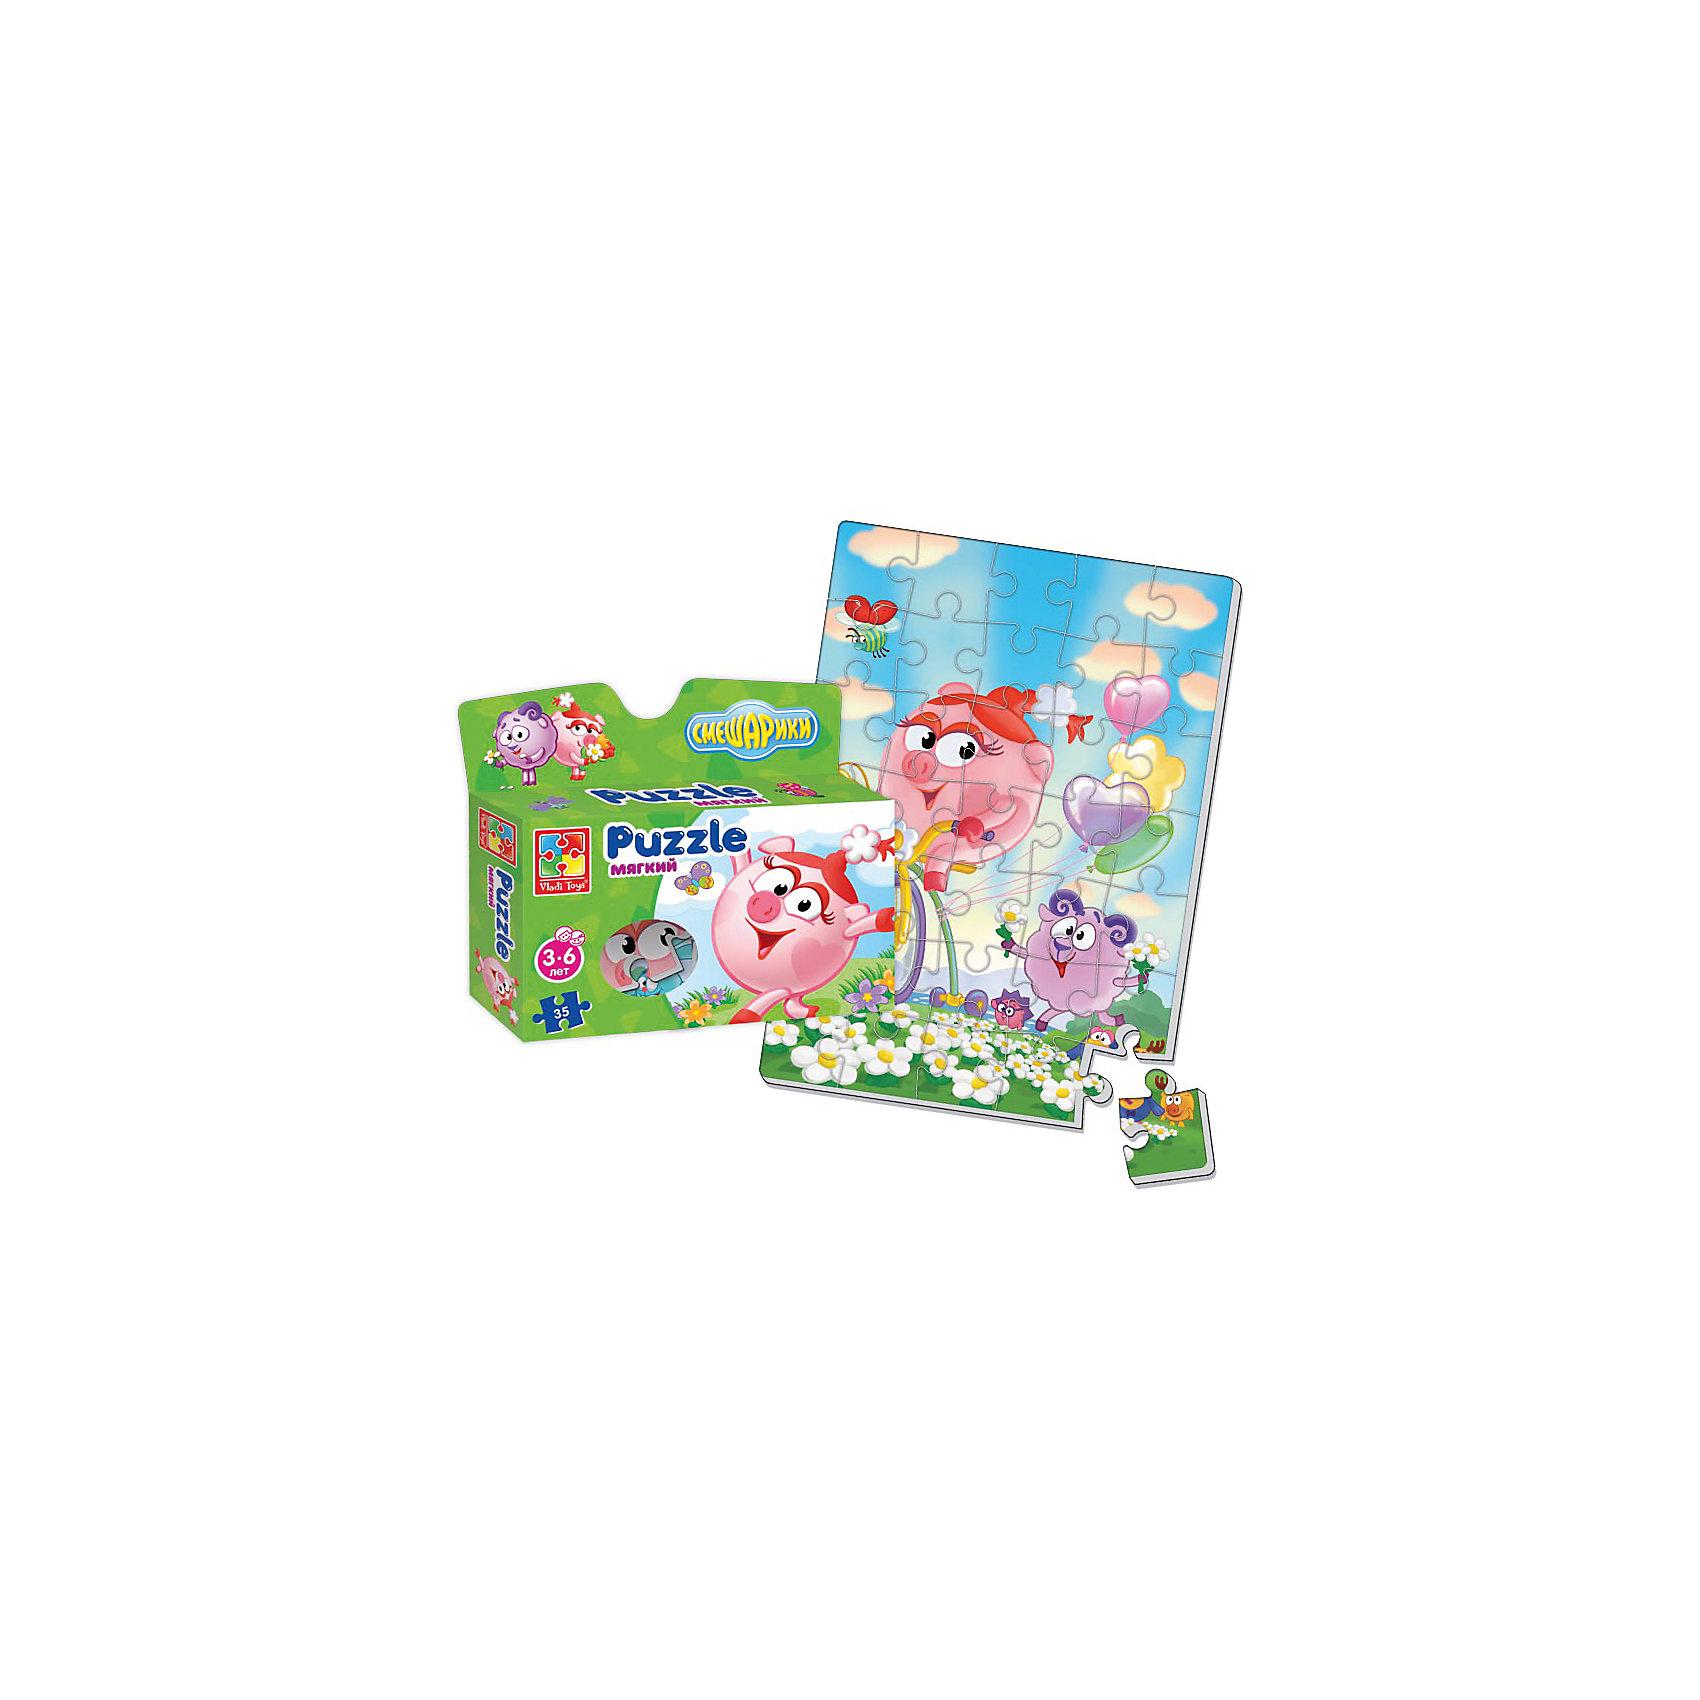 Мягкие пазлы А4 Смешарики, в коробке, Vladi ToysМягкие пазлы<br>Характеристики:<br><br>• Вид игр: развивающие<br>• Серия: пазлы-картинки<br>• Пол: универсальный<br>• Материал: полимер, картон<br>• Цвет: голубой, зеленый, сиреневый, розовый и др.<br>• Комплектация: 1 пазл из 35-ти элементов<br>• Размеры (Д*Ш*В): 19*4,5*22 см<br>• Тип упаковки: картонная коробка<br>• Вес: 75 г<br><br>Мягкие пазлы А4 Смешарики, в коробке, Vladi Toys, производителем которых является компания, специализирующаяся на выпуске развивающих игр, давно уже стали популярными среди аналогичной продукции. Мягкие пазлы – идеальное решение для развивающих занятий с самыми маленькими детьми, так как они разделены на большие элементы с крупными изображениями, чаще всего в качестве картинок используются герои популярных мультсериалов. Самое важное в пазле для малышей – это минимум деталей и безопасность элементов. Все используемые в производстве материалы являются экологически безопасными, не вызывают аллергии, не имеют запаха. Пазл А4 Смешарики, в коробке, Vladi Toys, представляет собой сюжетную картинку размером А4, которая состоит из 35-и крупных элементов с изображением Нюши, Бараша и Кар Карыча на цветочной поляне из мультфильма Смешарики. <br>Занятия с мягкими пазлами от Vladi Toys способствуют развитию не только мелкой моторики, но и внимательности, усидчивости, терпению при достижении цели. Кроме того, по собранной картинке можно составлять рассказ, что позволит развивать речевые навыки, память и воображение.<br><br>Мягкие пазлы А4 Смешарики, в коробке, Vladi Toys, можно купить в нашем интернет-магазине.<br><br>Ширина мм: 190<br>Глубина мм: 45<br>Высота мм: 220<br>Вес г: 75<br>Возраст от месяцев: 24<br>Возраст до месяцев: 60<br>Пол: Унисекс<br>Возраст: Детский<br>SKU: 5136082